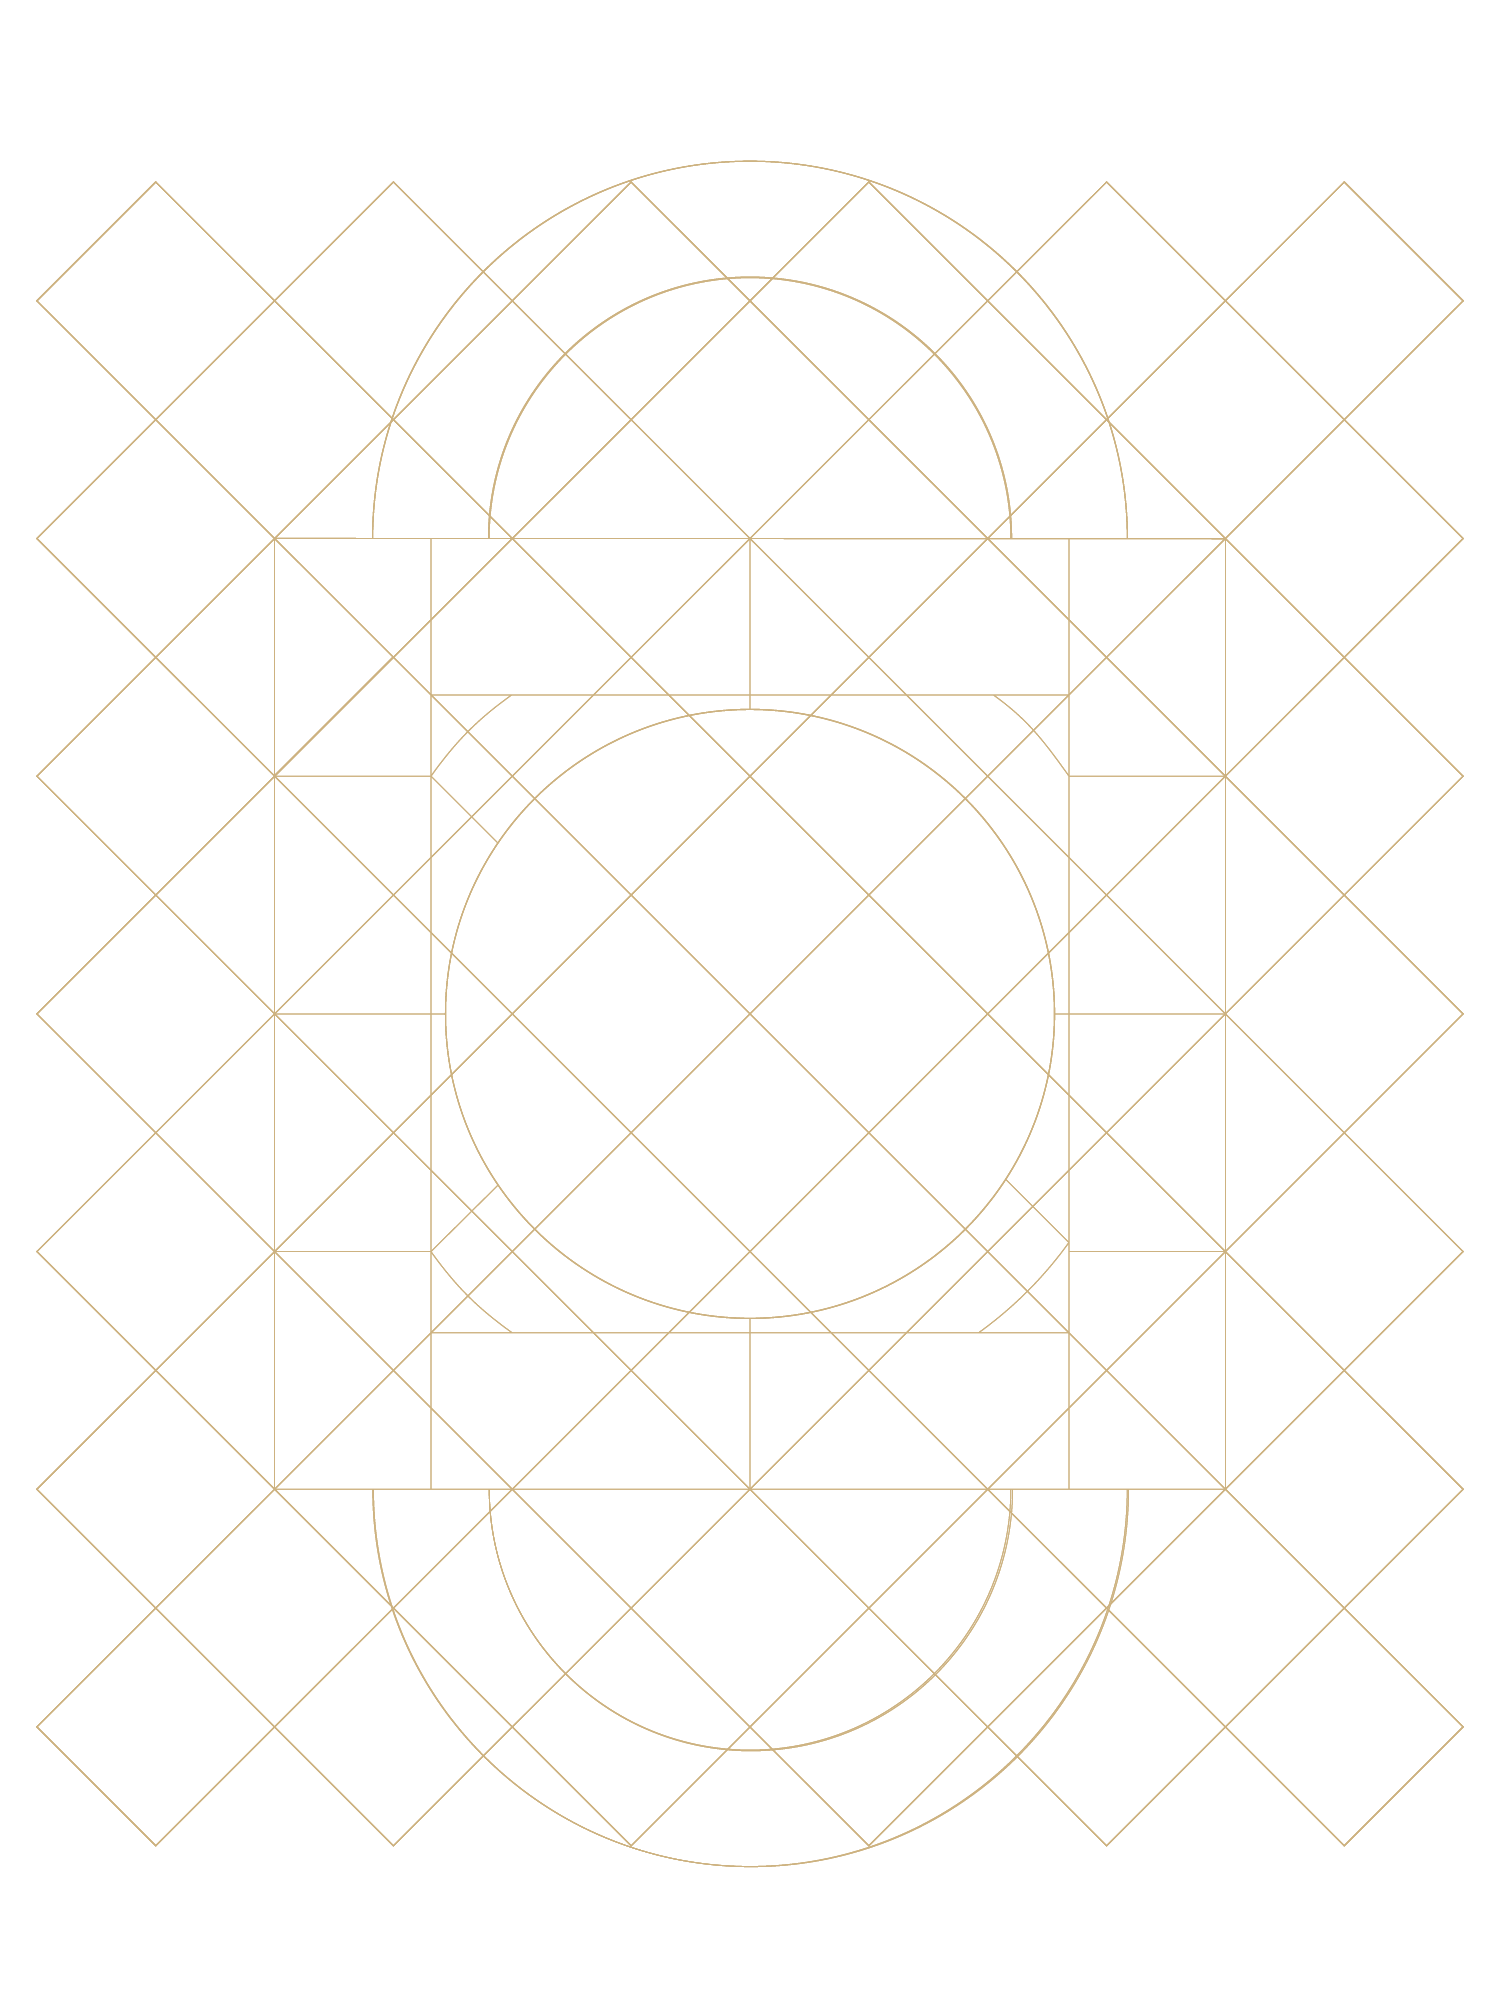 Josselin-tourette-Compagnie-des-thermes-grille-ok